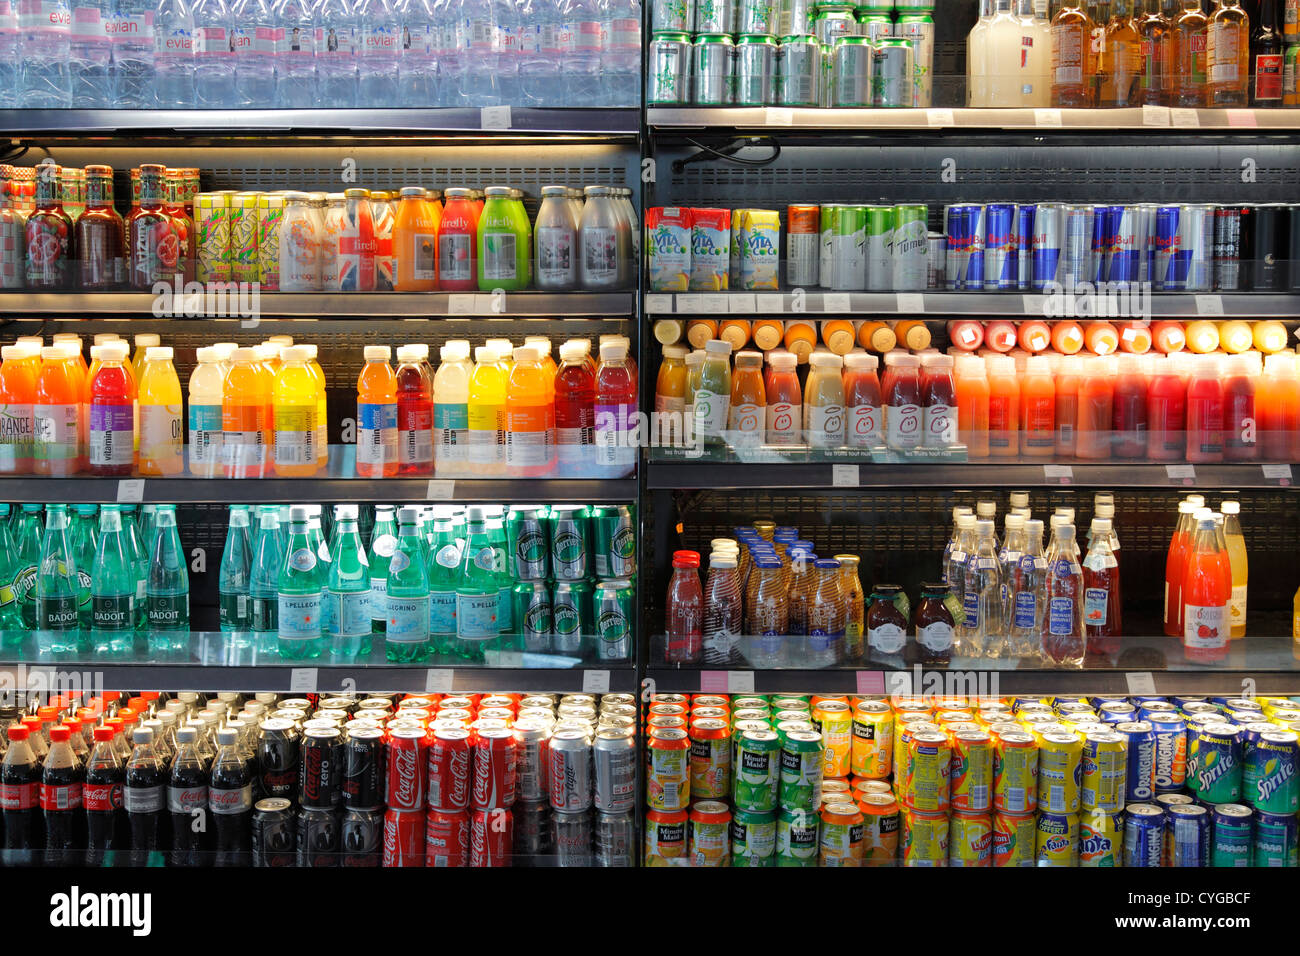 Kühlschrank Regal : Getränke in einem regal kühlschrank stockfoto bild: 51376655 alamy